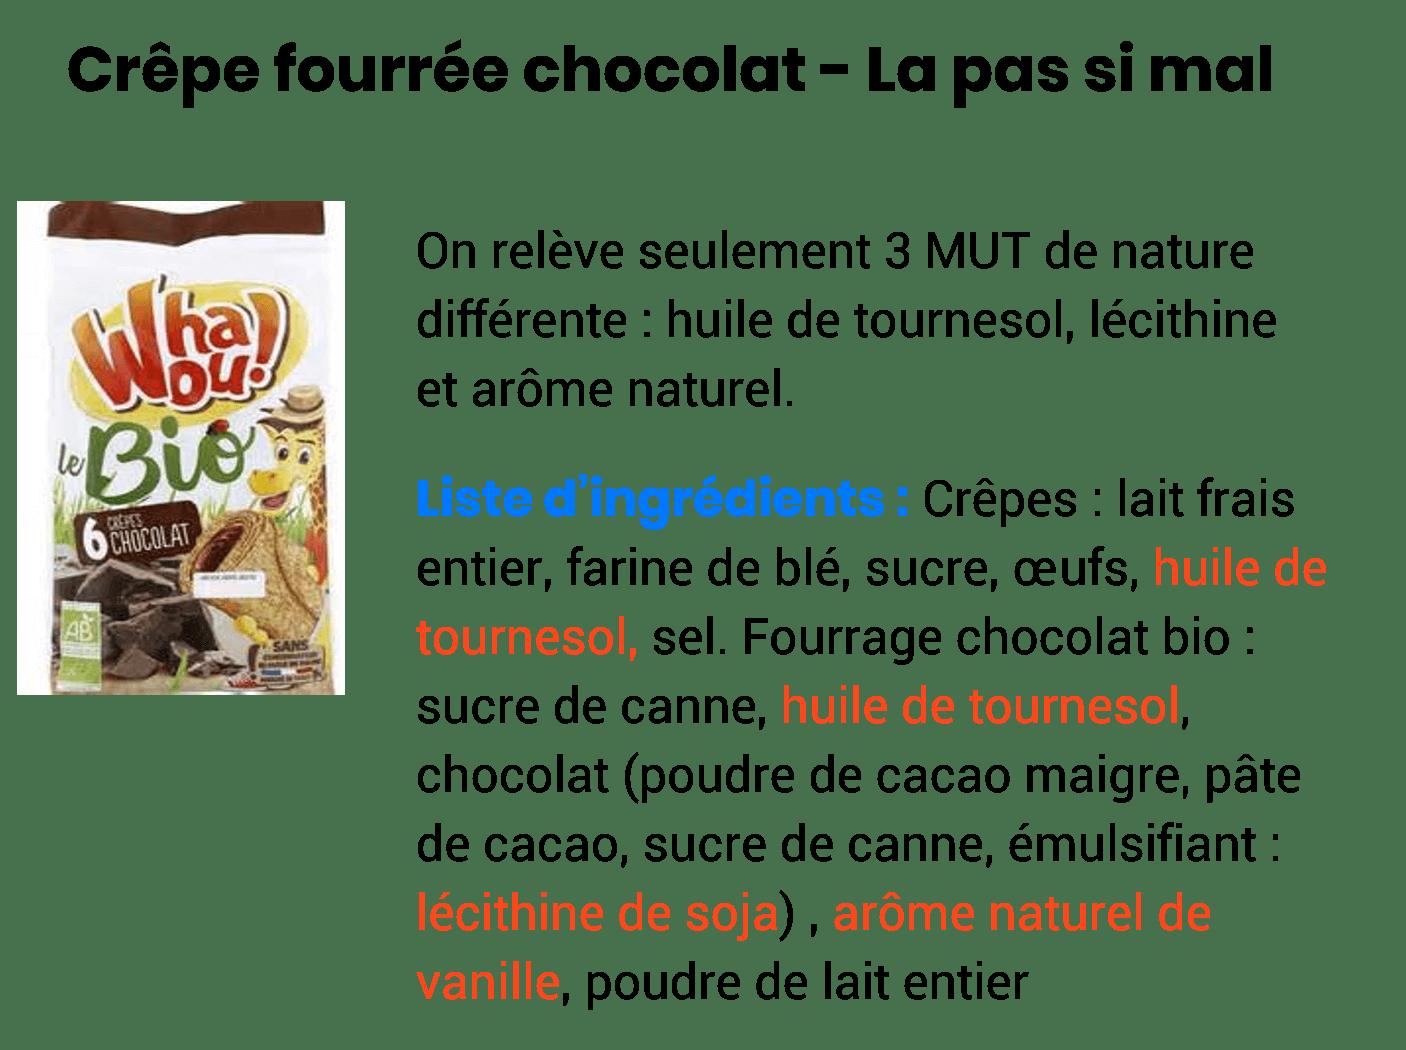 crêoe fourrée au chocolat de supermarché